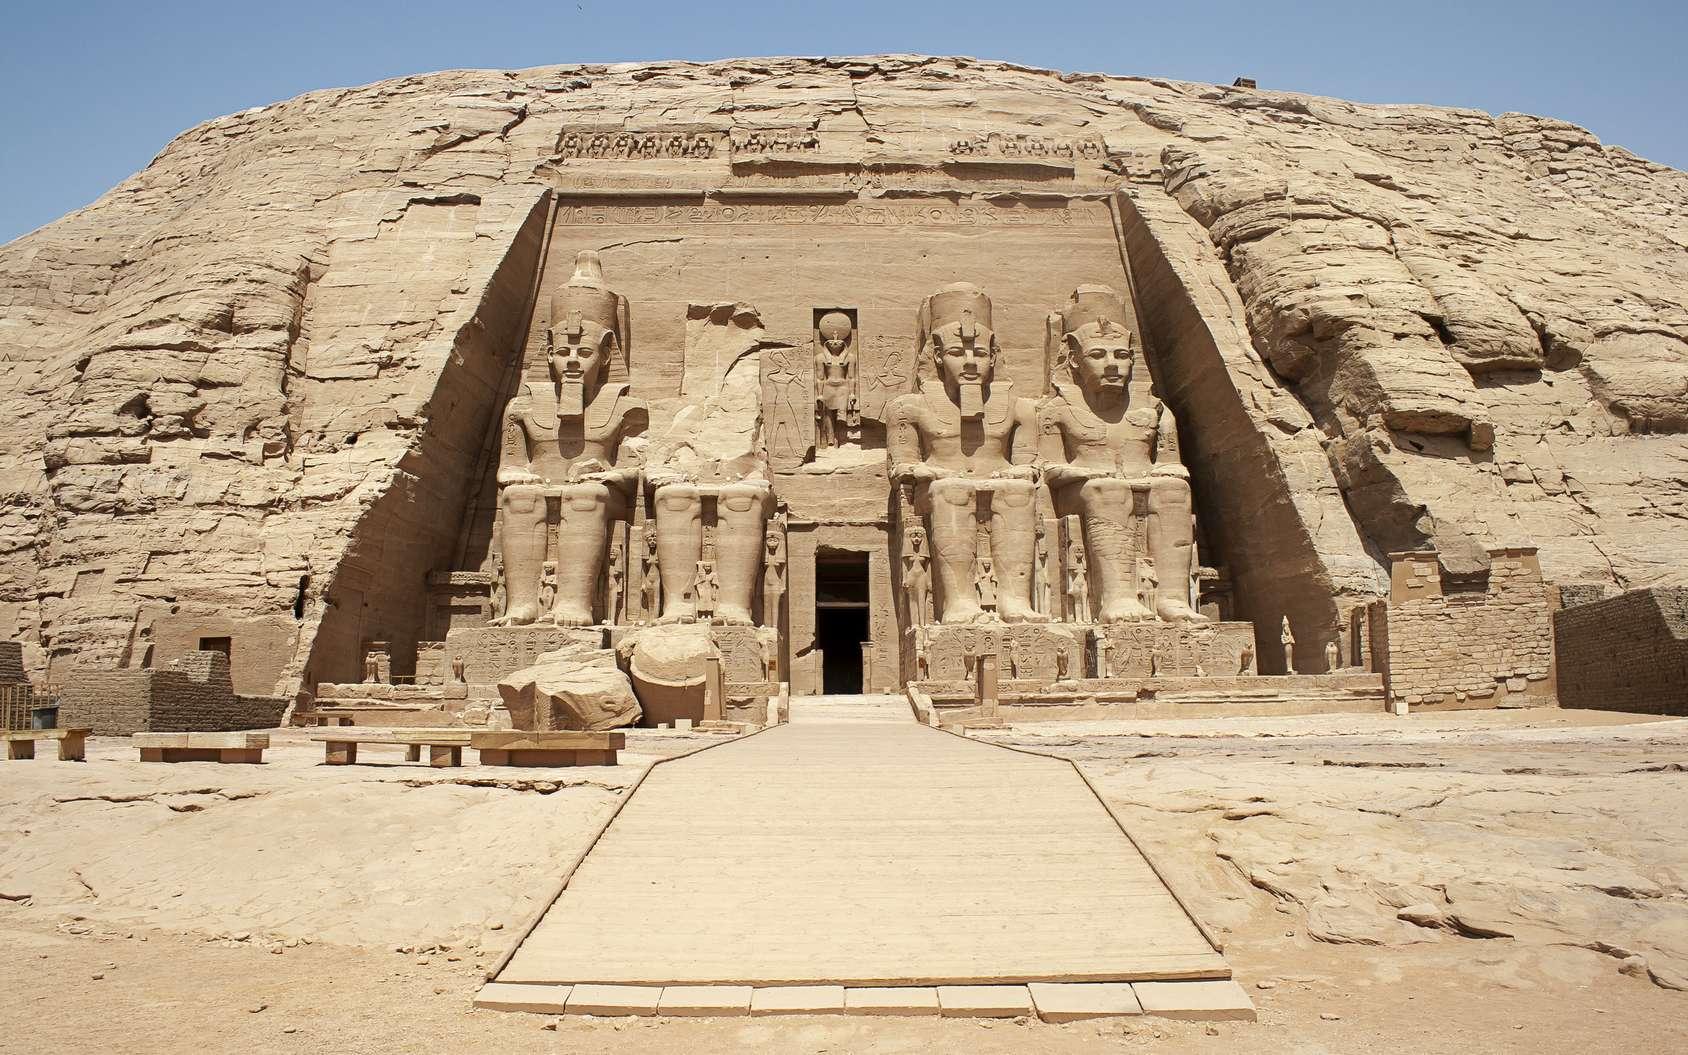 Le temple d'Abou Simbel en Égypte célébrait le culte des dieux Amon, Rê, Ptah et de Ramsès II déifié. © David, fotolia